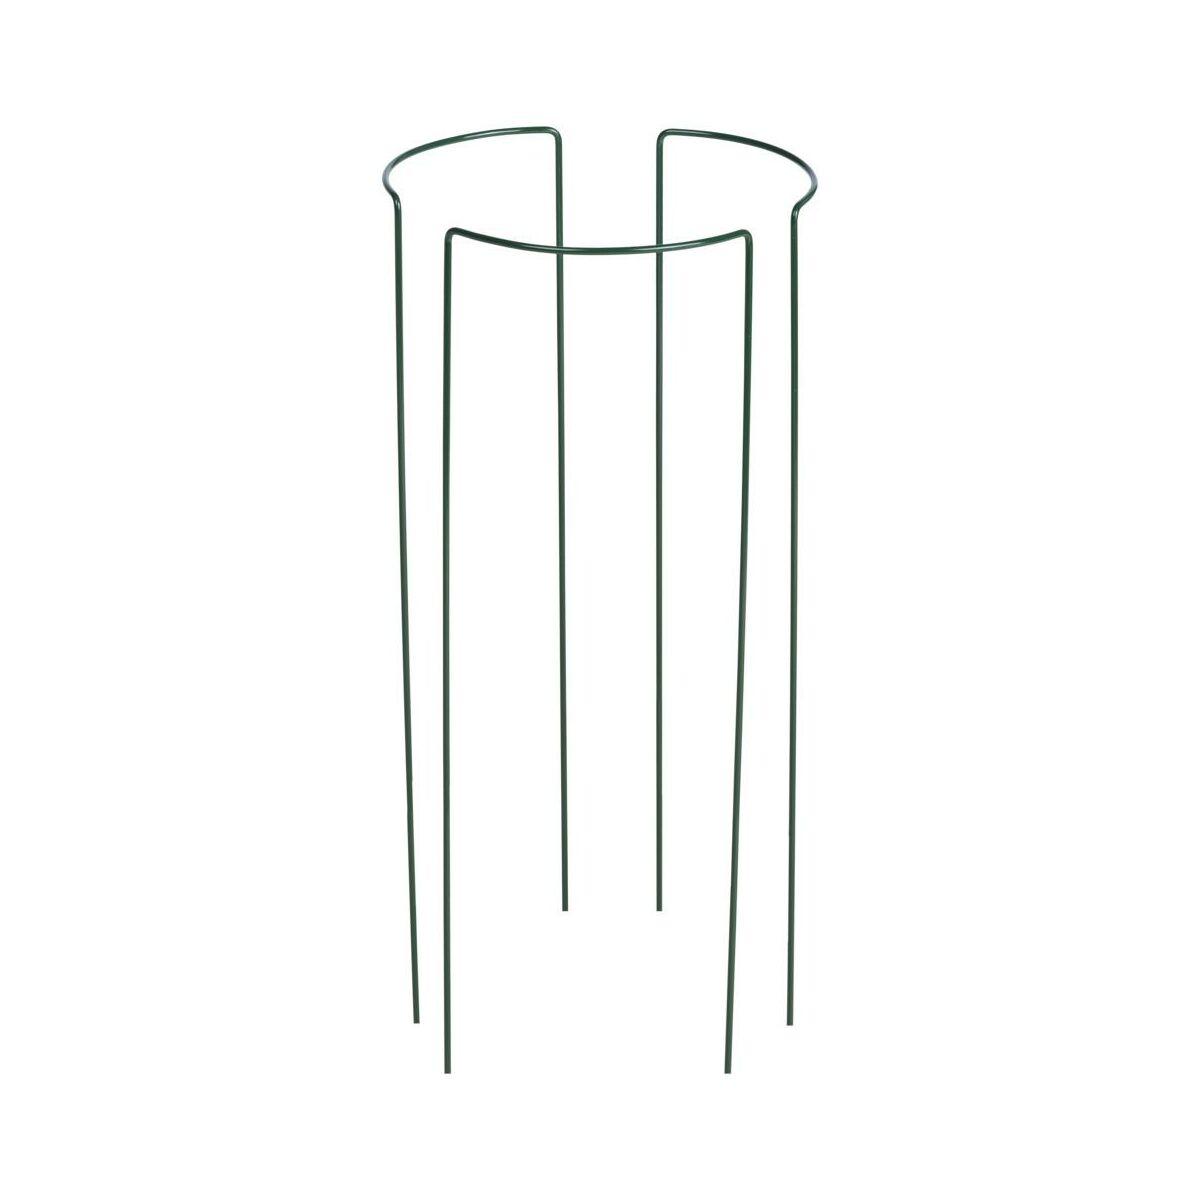 Podpora Metalowa Do Roslin 60 X 20 Cm Elgarden Podporki Wiazadla Do Roslin W Atrakcyjnej Cenie W Sklepach Leroy Merlin